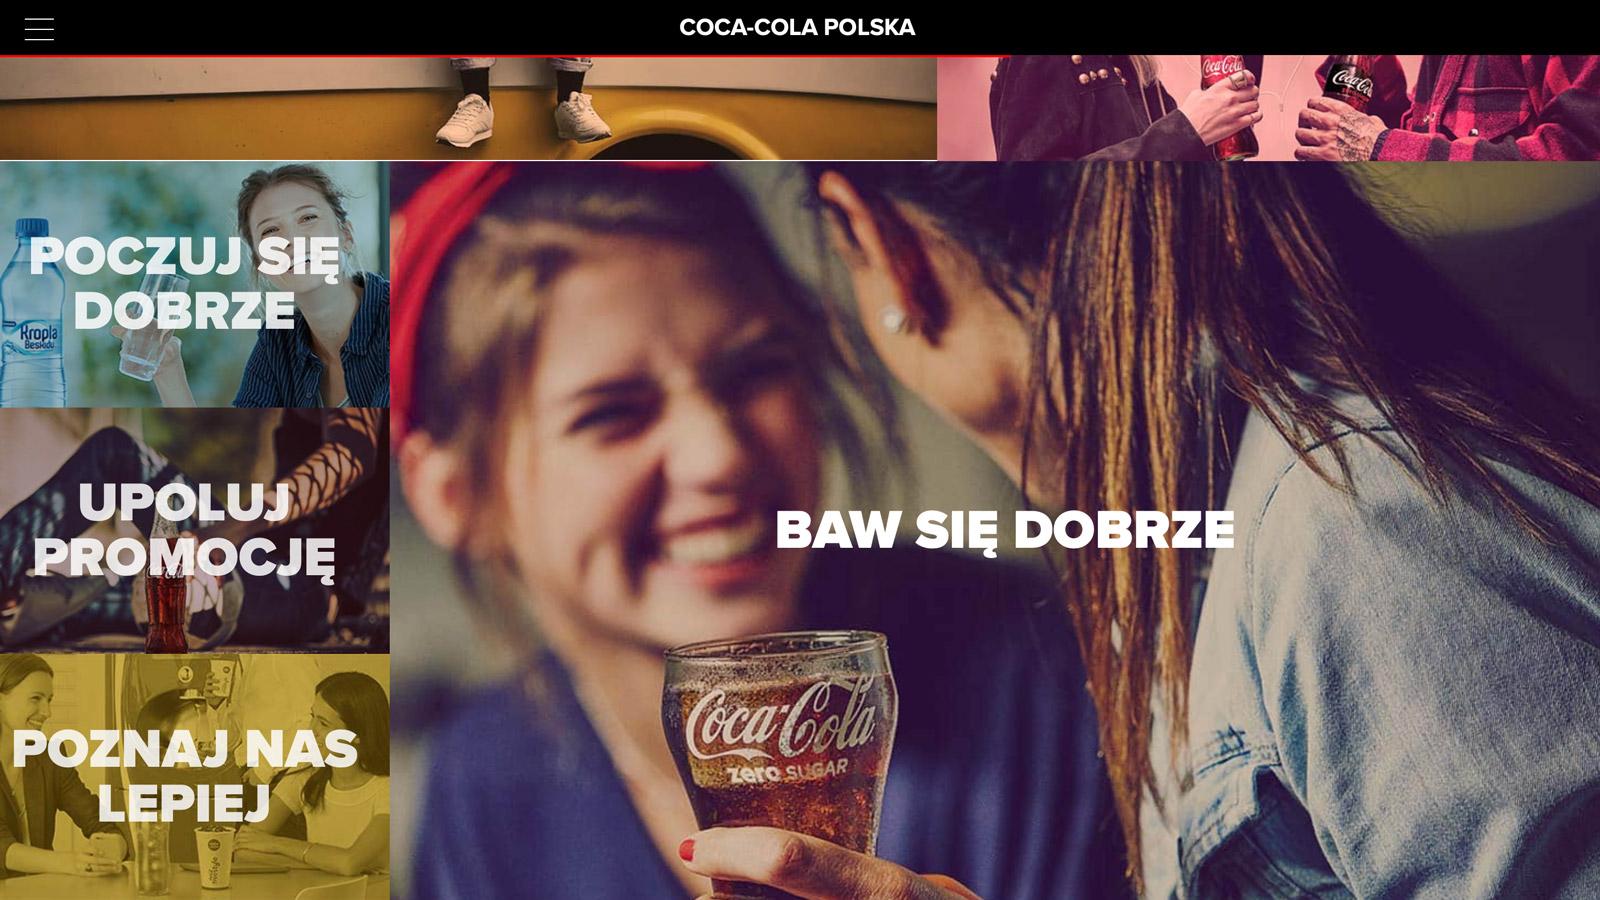 Coca-Cola marką, która najbardziej przyczynia siędo zanieczyszczenia plastikiem eko mediarun coca cola zanieczyszczenie www 2019